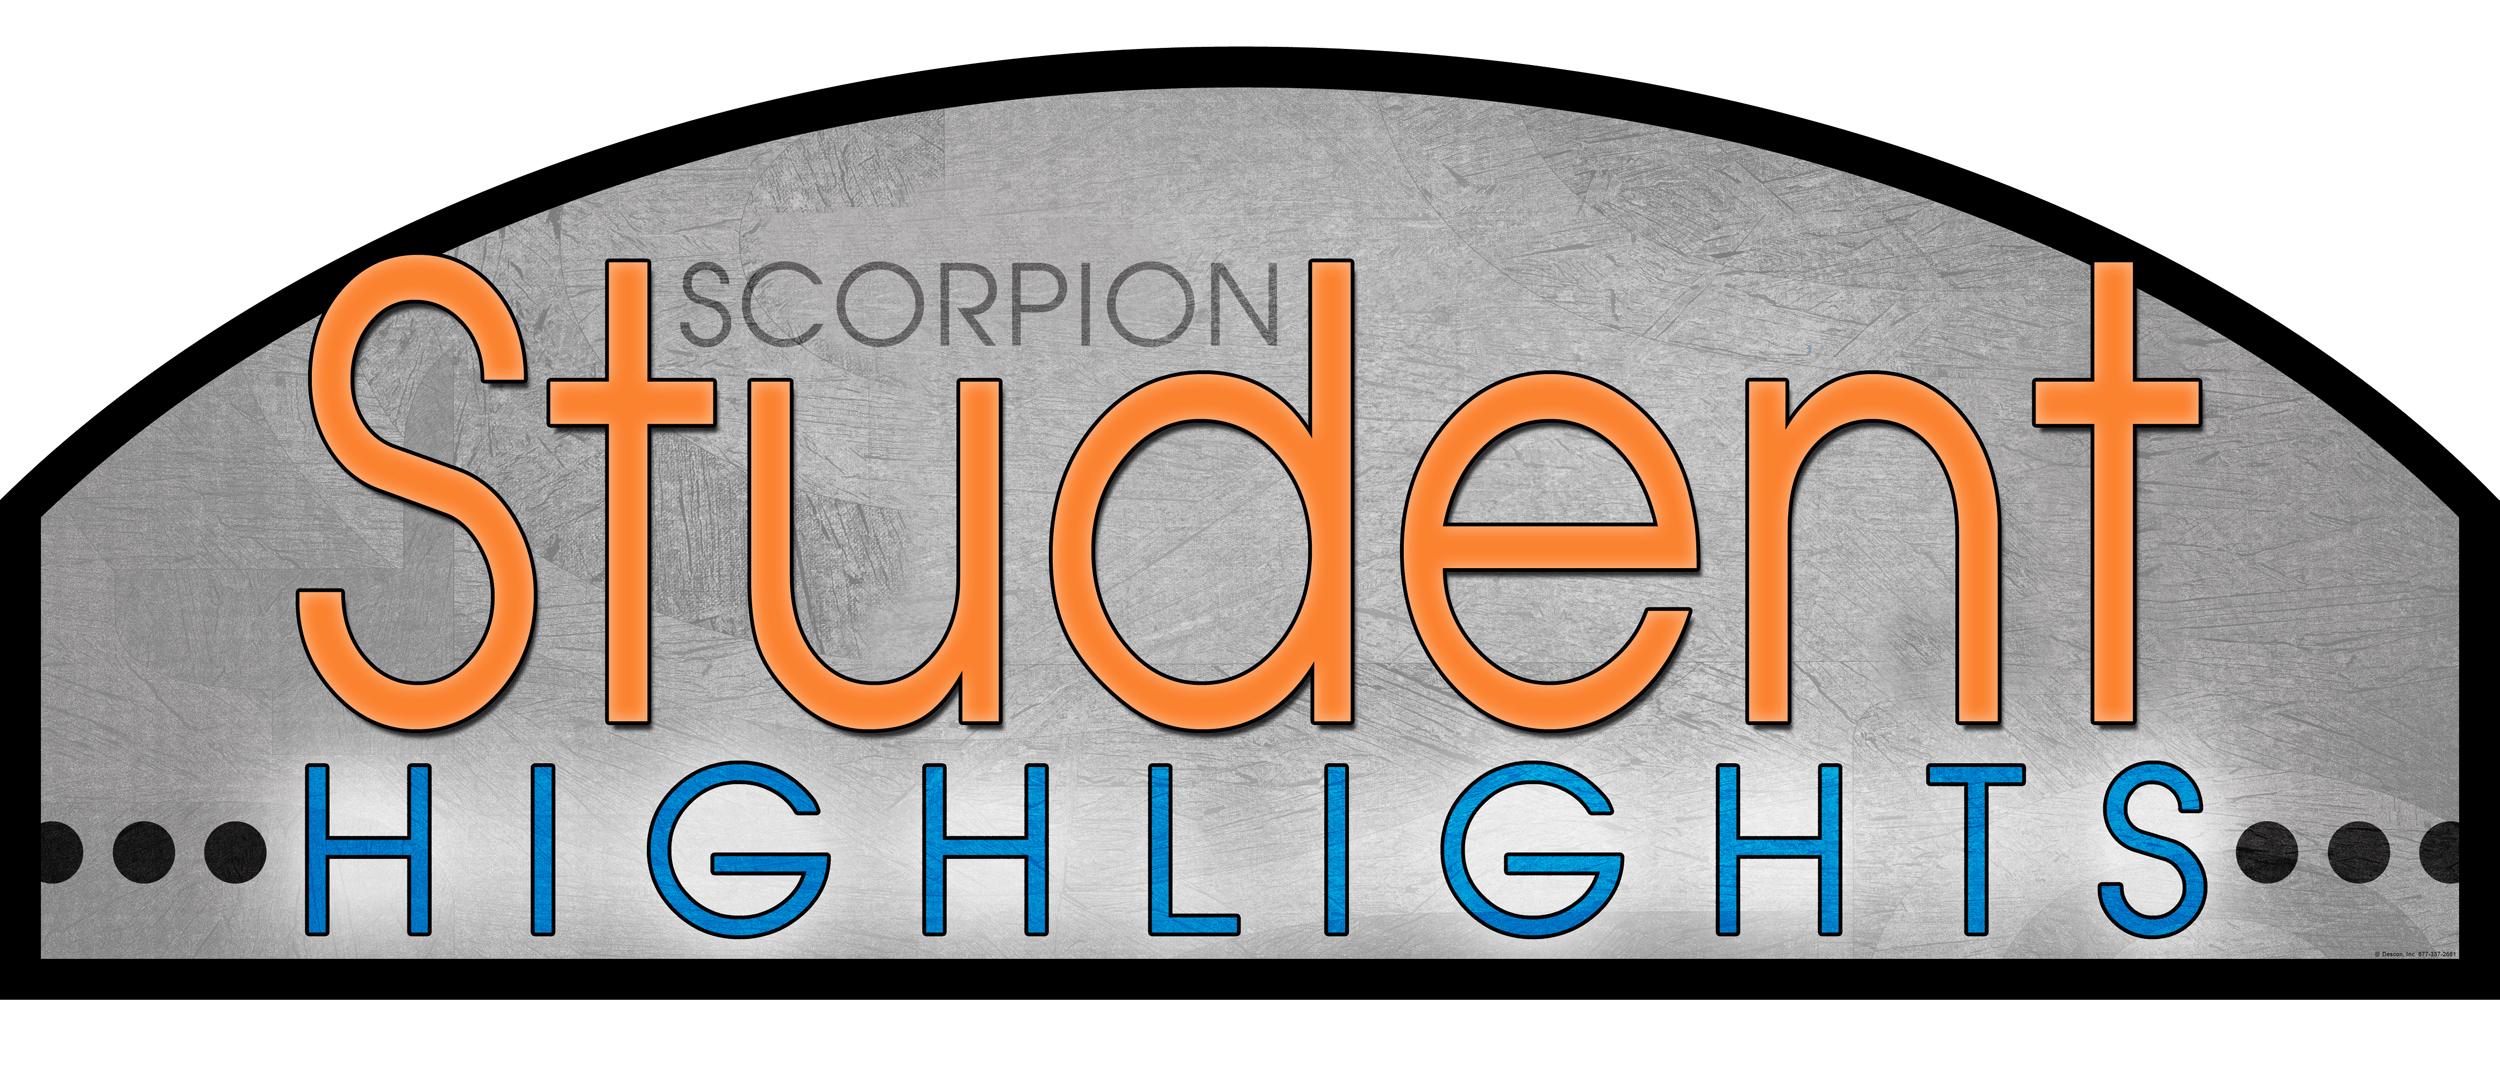 Student Highlights Header